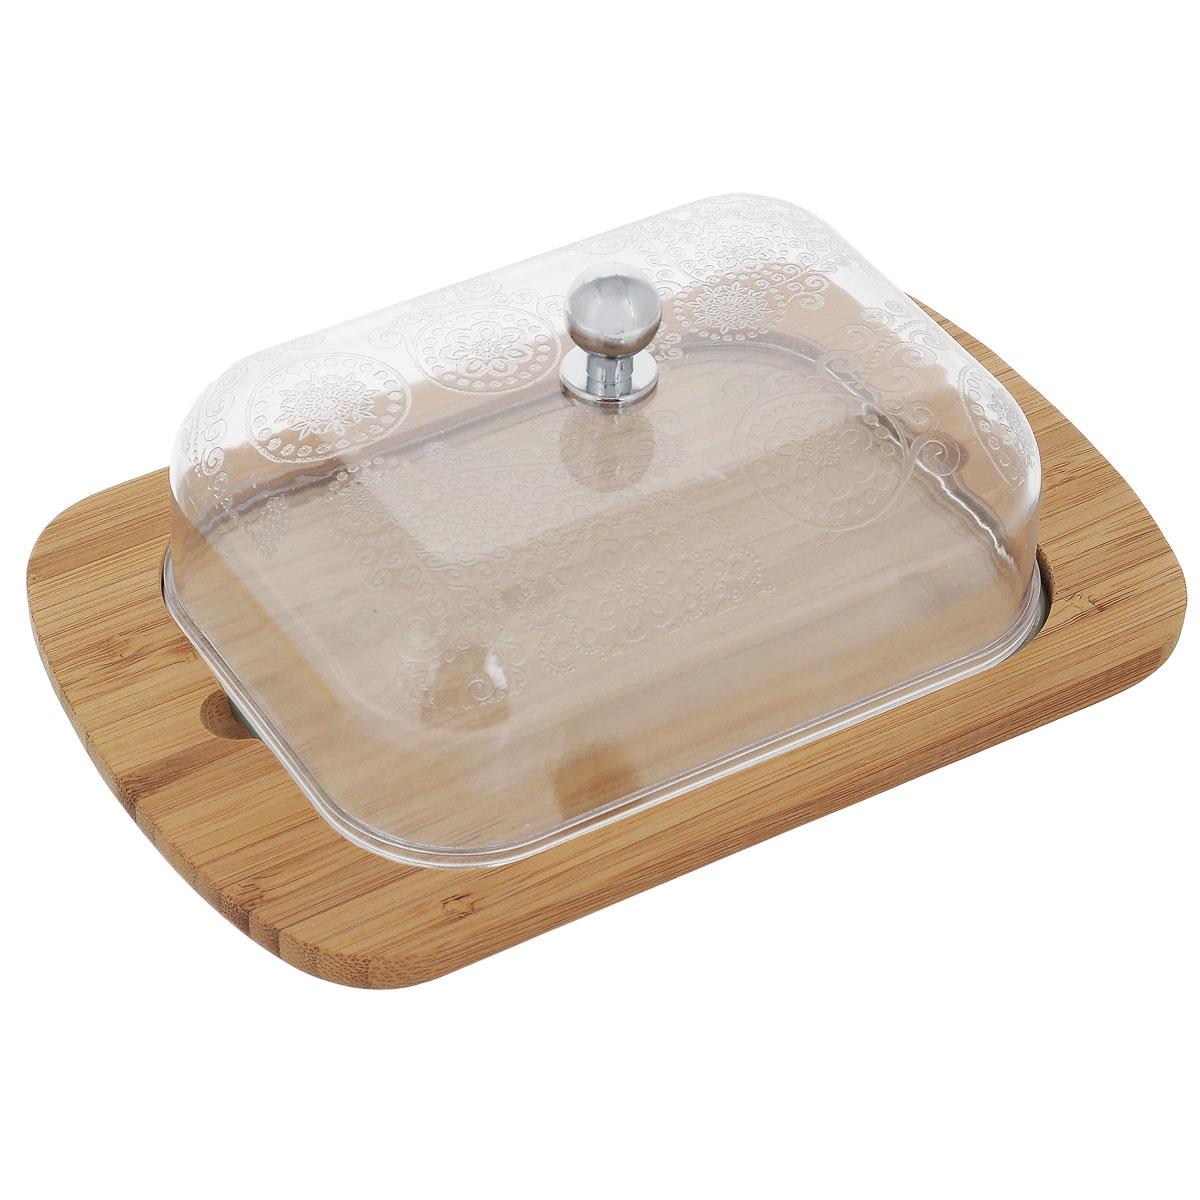 Масленка Mayer & Boch. 2351923519Масленка Mayer & Boch прекрасно подходит для хранения масла и сервировки стола. Масленка состоит из прямоугольного бамбукового подноса и прозрачной пластиковой крышки, украшенной изысканным узором. Крышка плотно устанавливается на поднос.Масленка сохранит сливочное масло свежим как в холодильнике, так и на обеденном столе. Прекрасное дополнение для любой кухни.Размер подноса: 18,5 см х 12 см х 1 см.Размер крышки: 13,5 см х 10 см х 4 см.